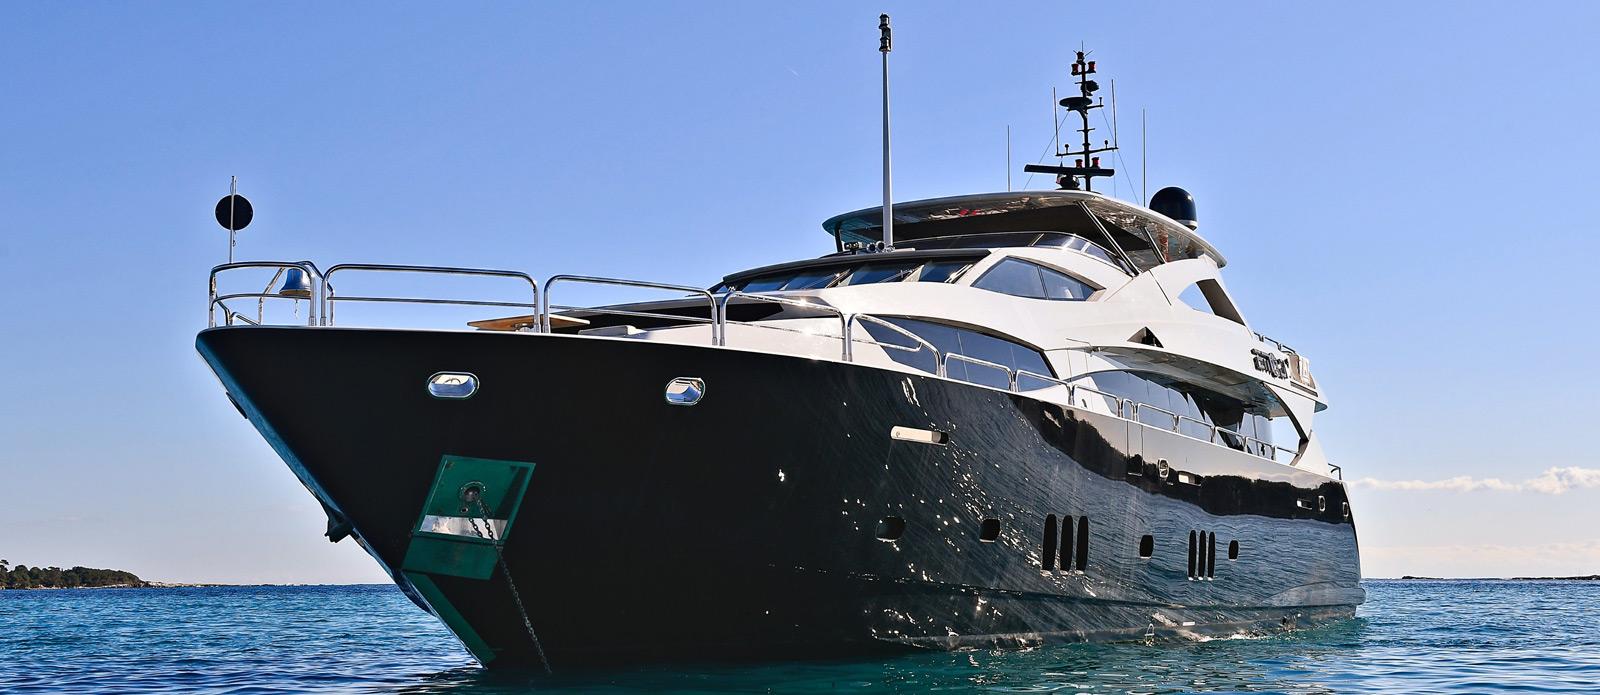 Sunseeker-34-Metre-Yacht---Emoji---Bow-Head-On